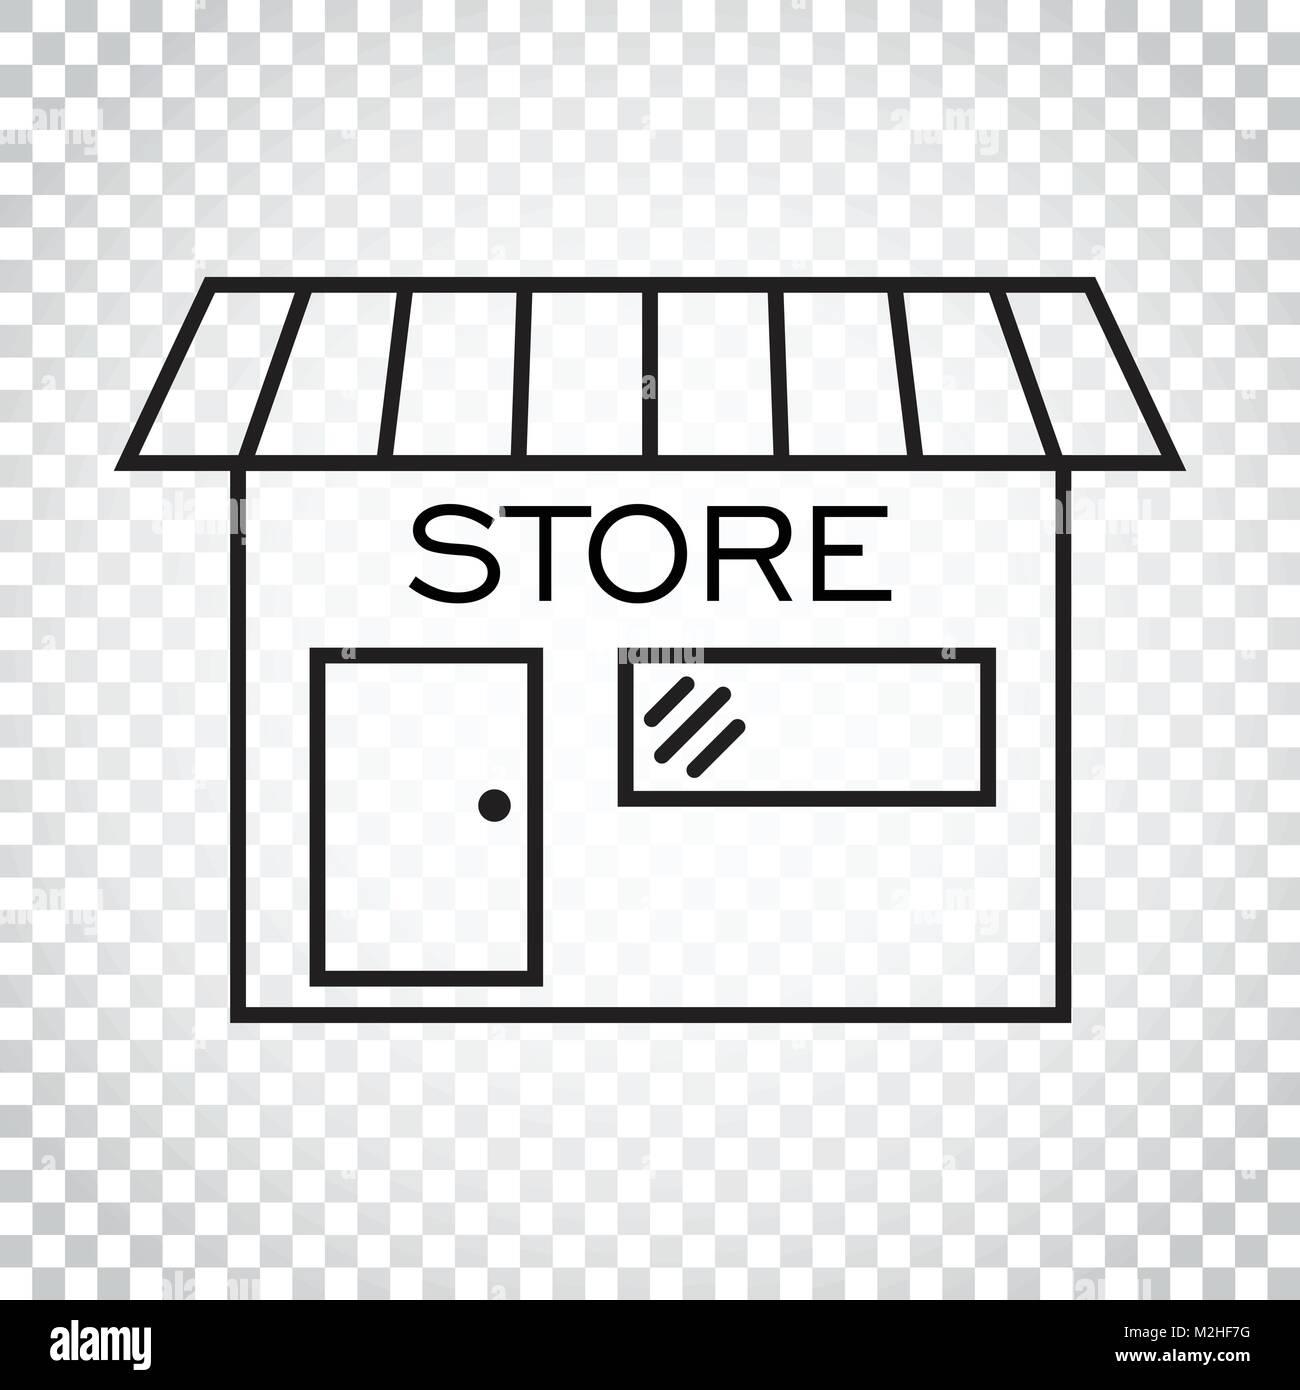 Banque Vectorielle l'icône du magasin dans le style d'illustration vectorielle